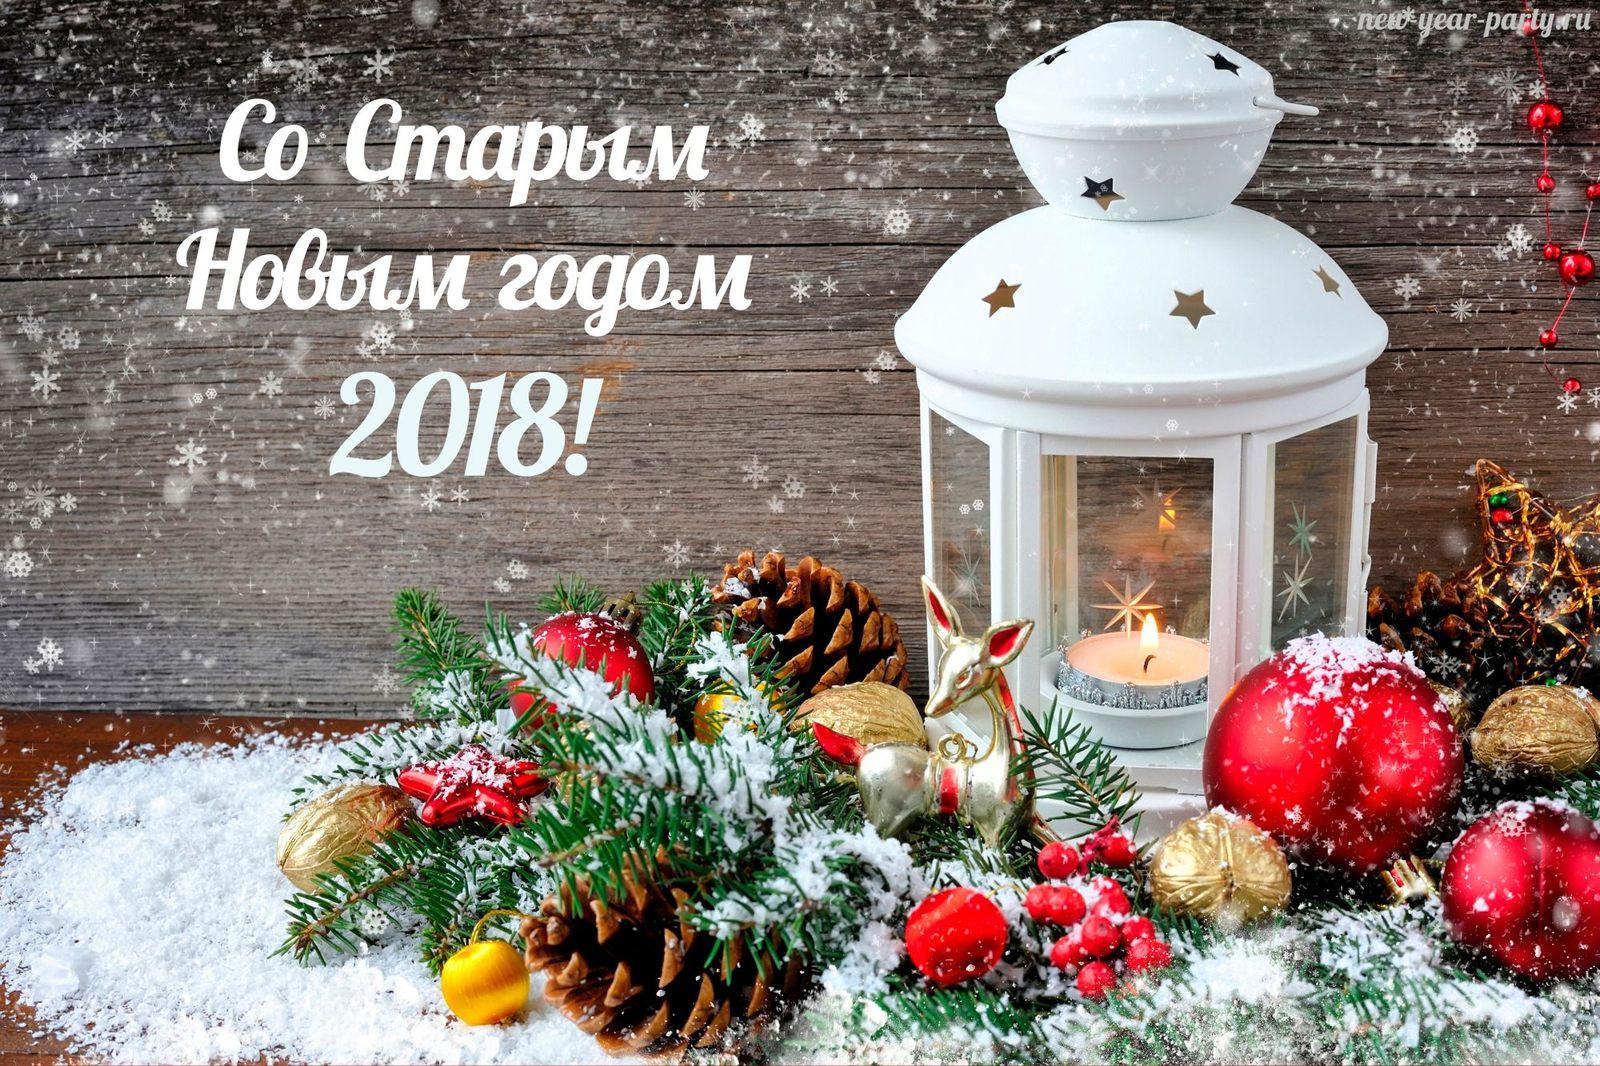 Картинки по запросу старый новый год 2018